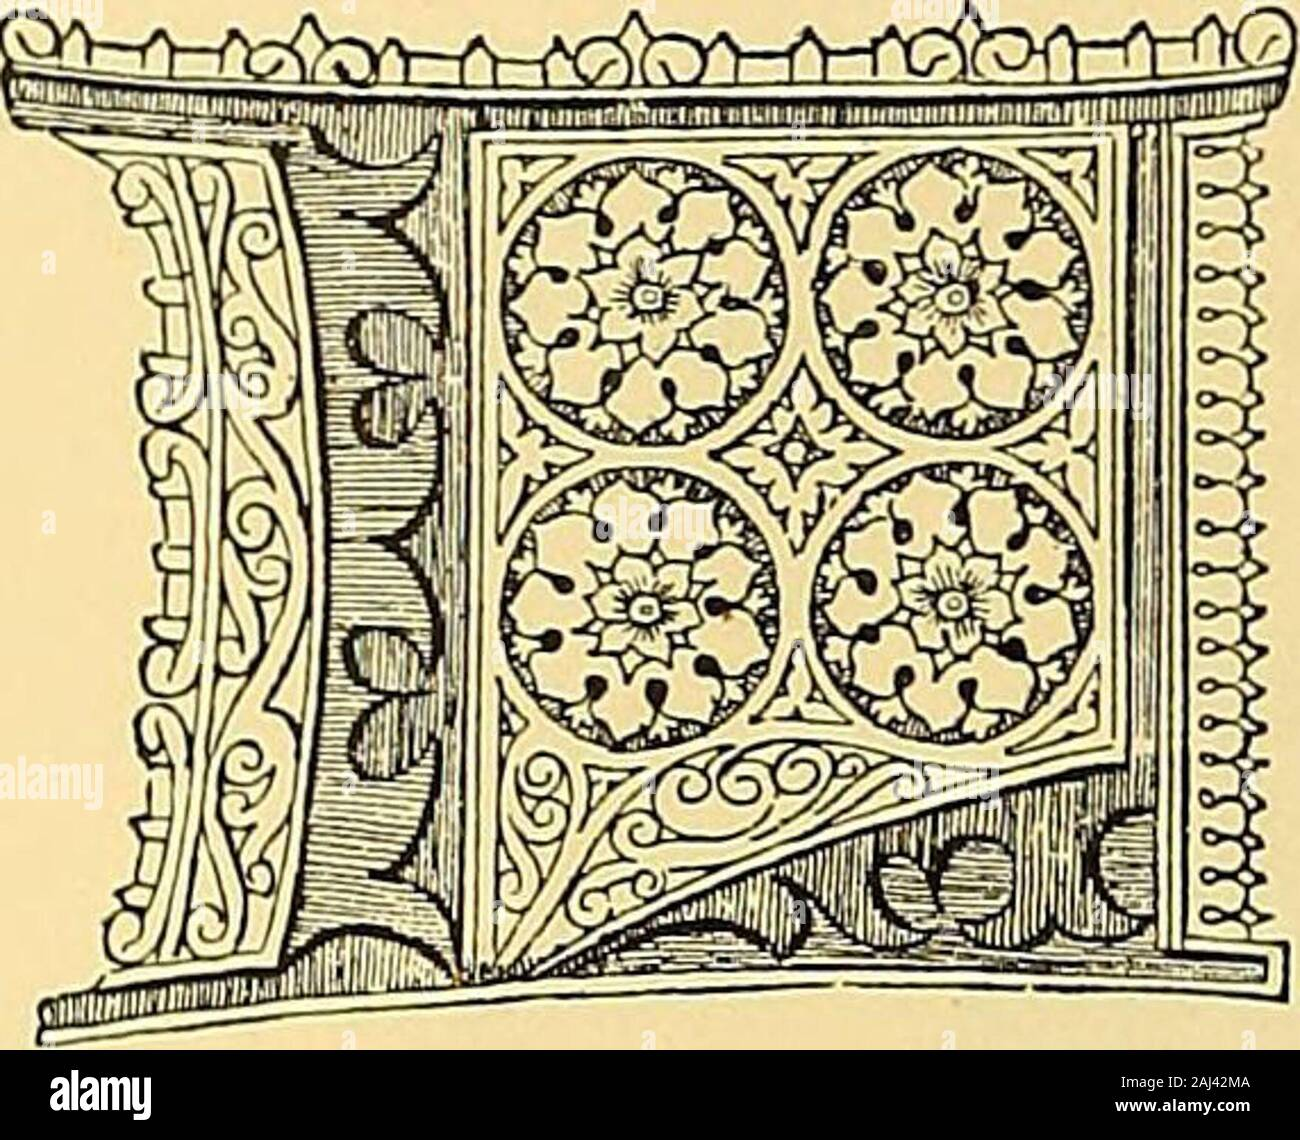 Gazette des beaux-arts . LART DENLUMINER MANUEL TECHNIQUE DU QUATORZIÈME SIÈCLE (deuxième article * ). es bleus de lenluminure étaient tousdésignés, quelle que fût leur nuance,par le terme générique àazurium. Leprincipal et le plus estimé étaitlazur naturel tiré du lapis azuli (parcorruption lazuë), et nommé pluscommunément outremer (aziiriumultramarinum). Lazur dAllemagne(par corruption de la Magna), men-tionné si souvent dans les devis de peintures du moyen âge, était tantôtunproduit de la nature, tantôt une substance fabriquée. Dans le pre-mier cas, il provenait dune pierre particulièrement Stock Photo